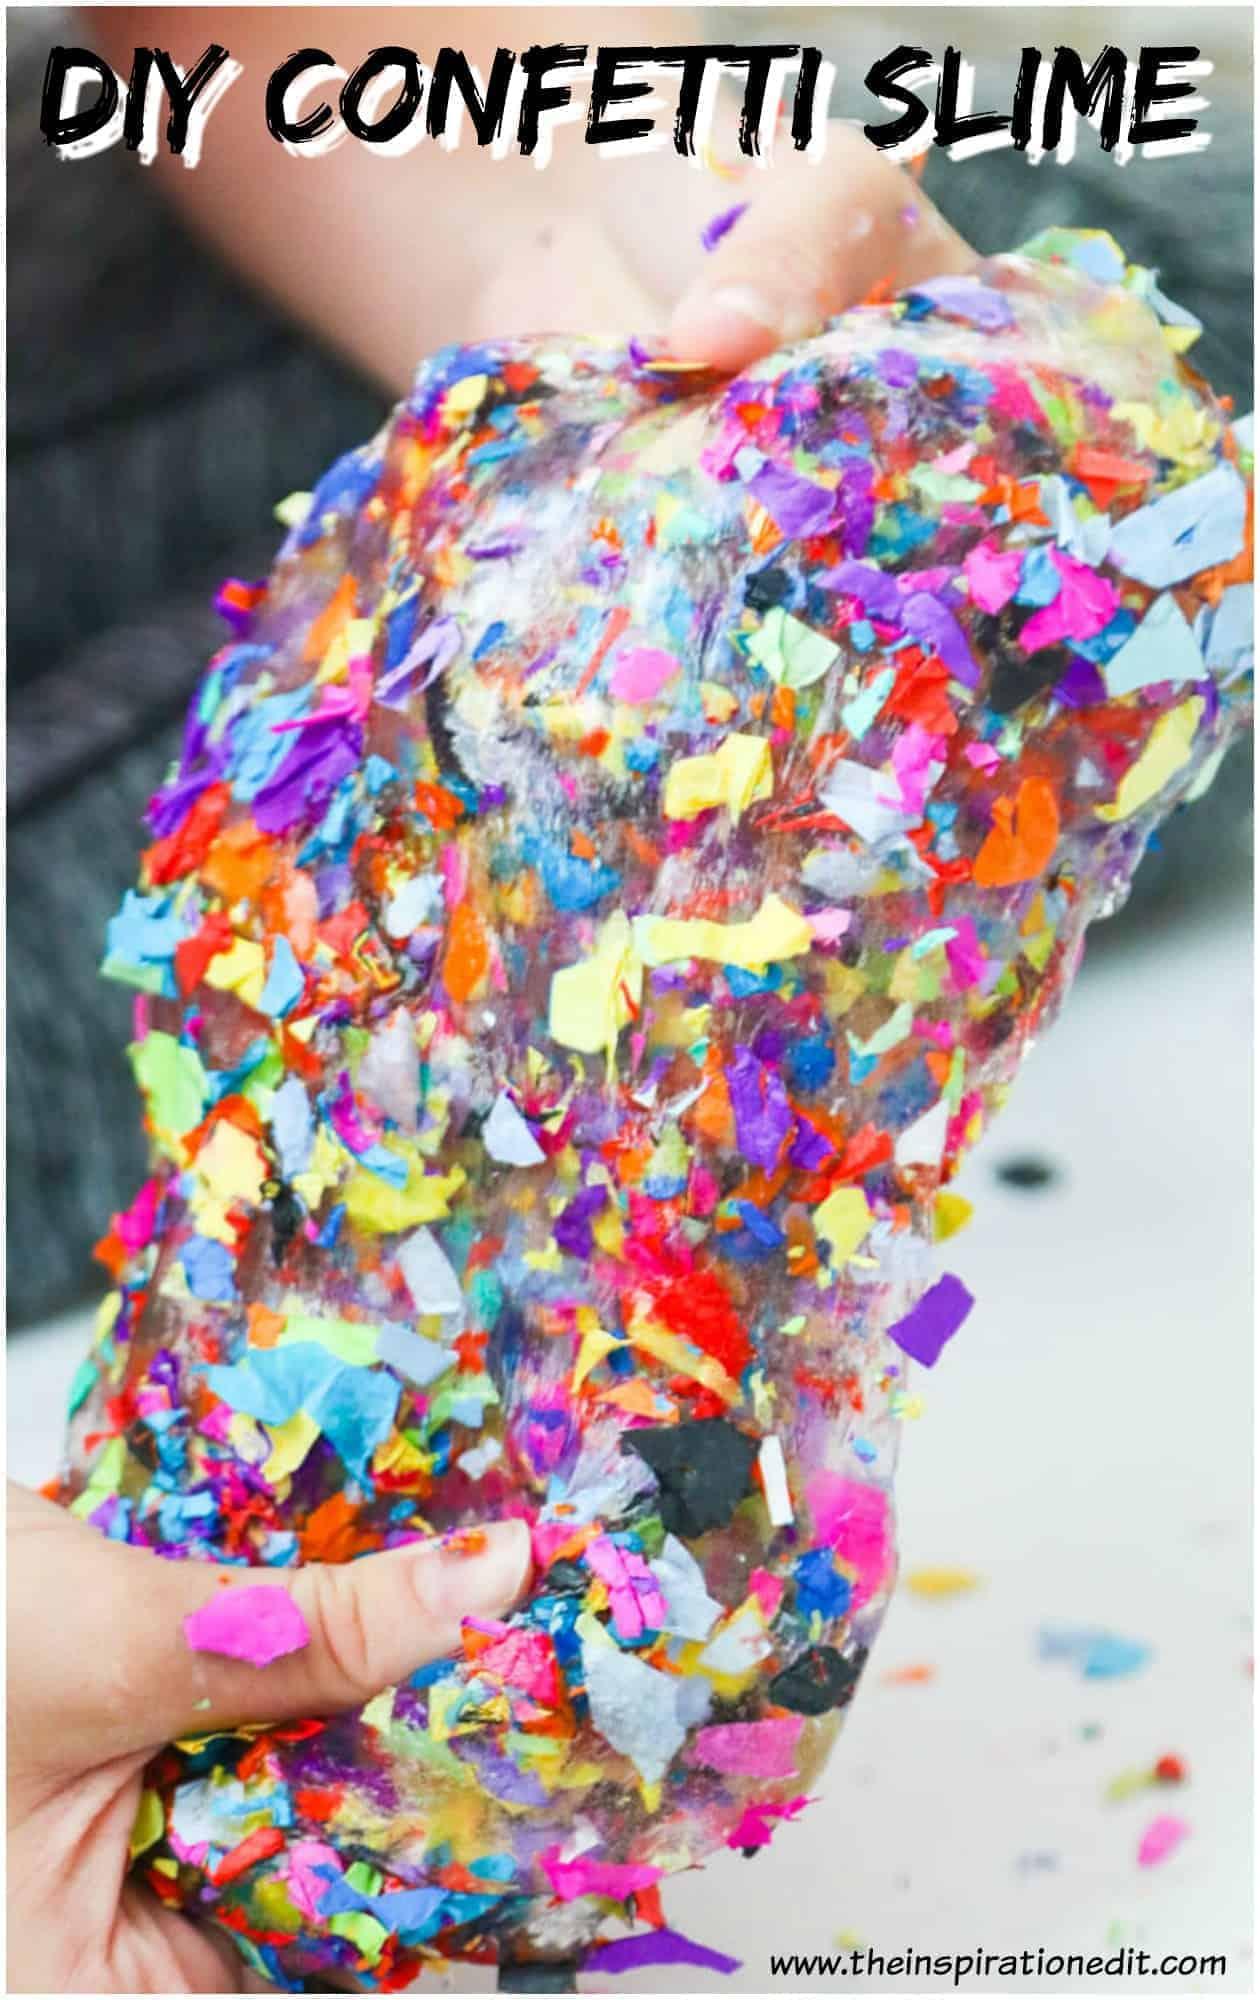 confetti slime